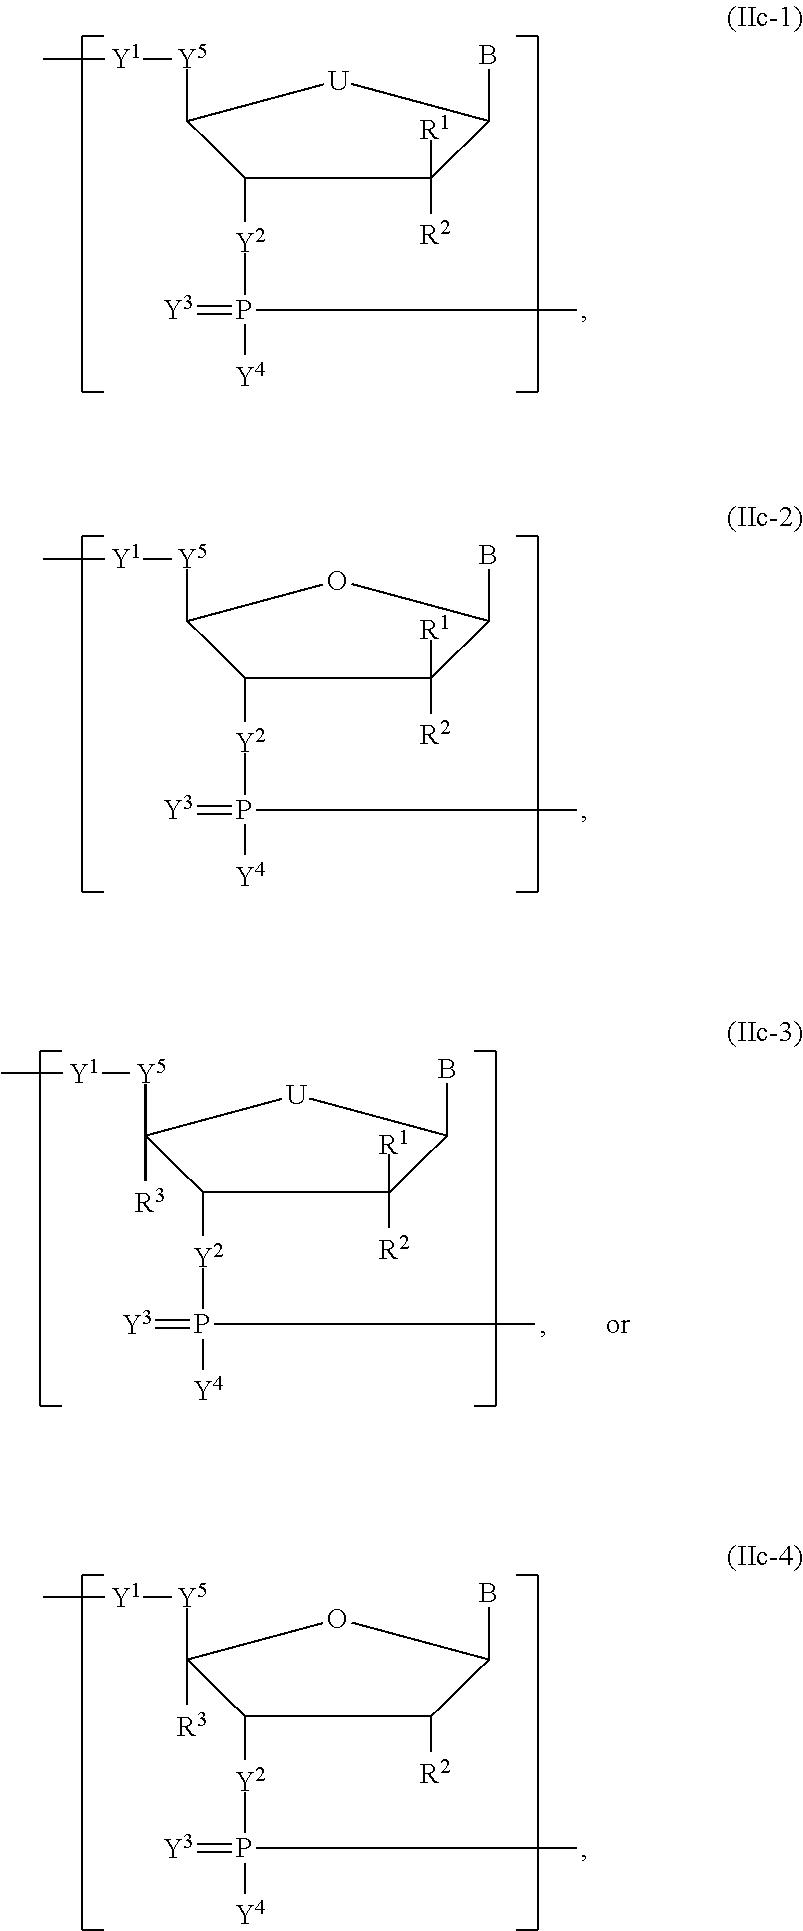 Figure US20150315541A1-20151105-C00010